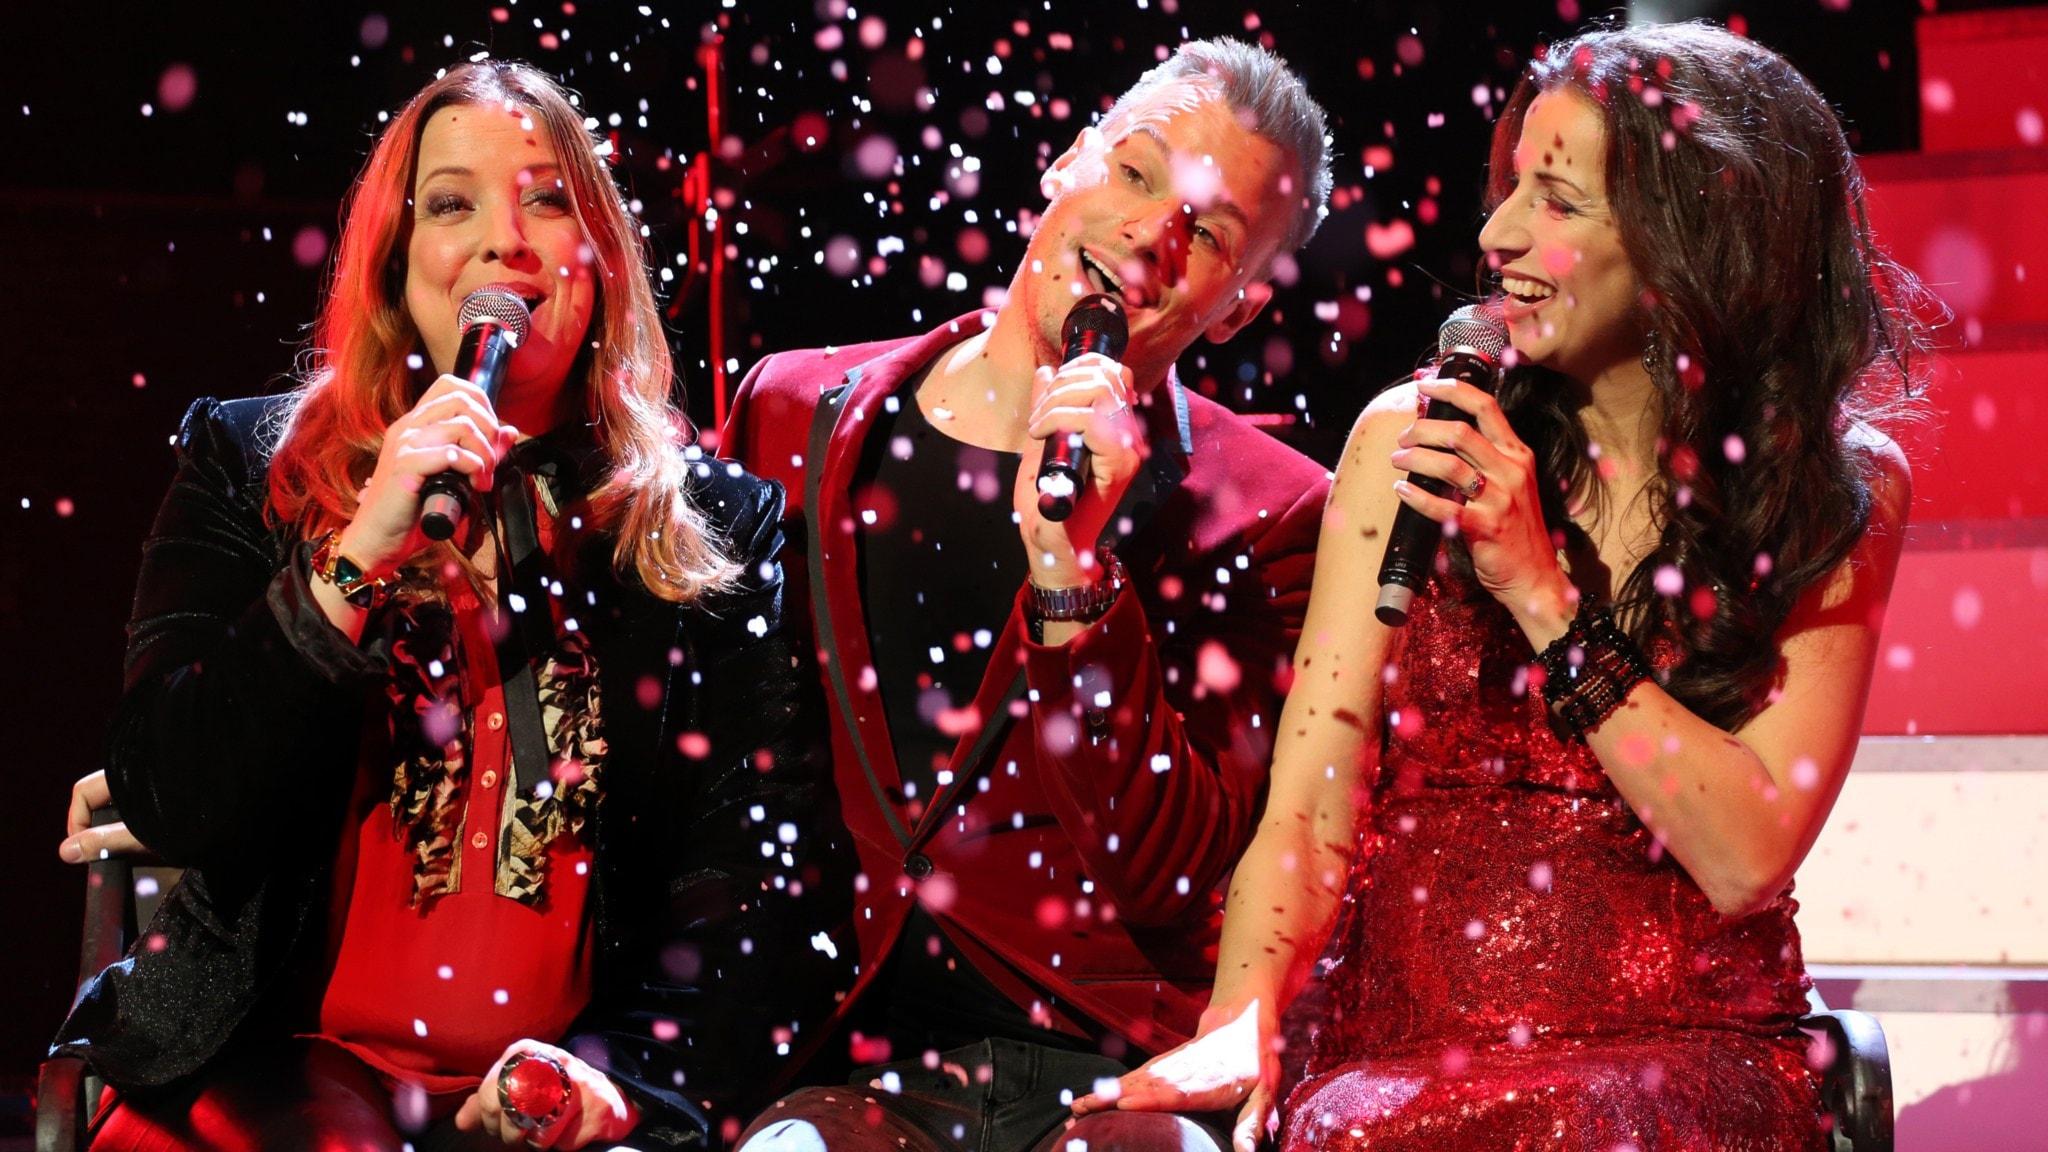 P4 Live med julkonserten Christmas Night.